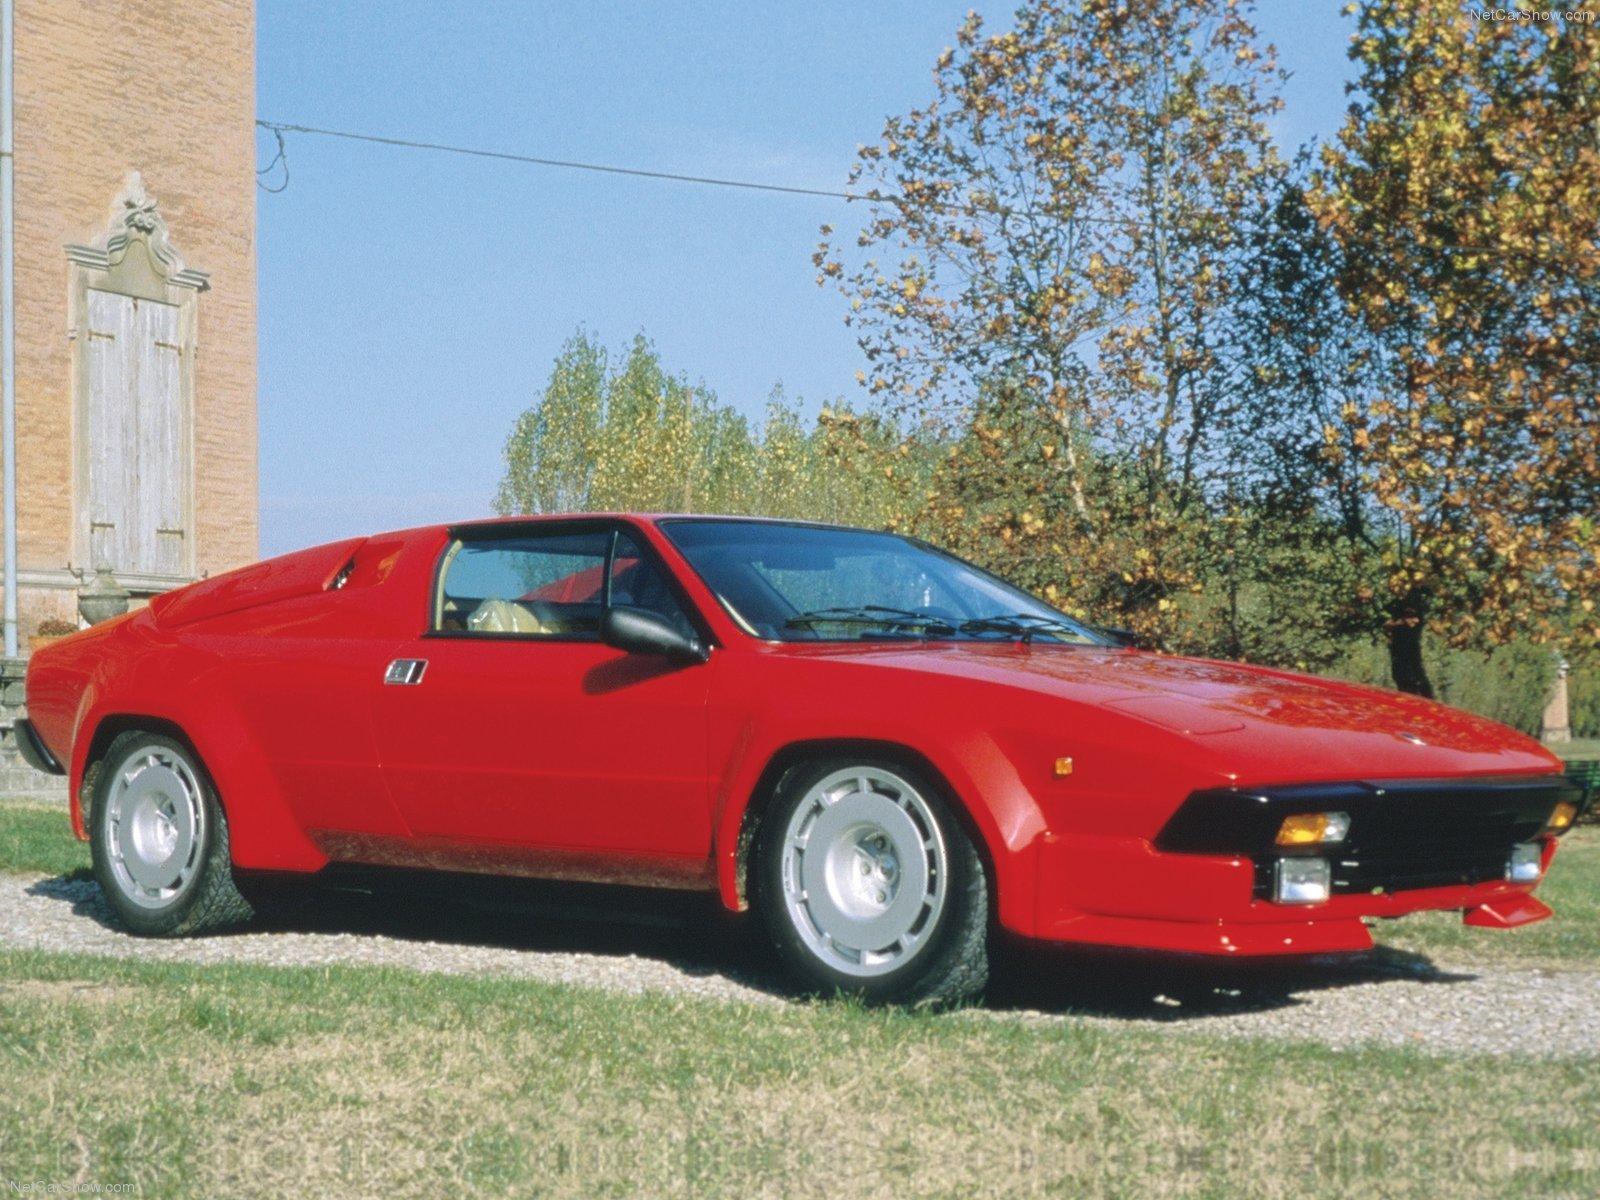 Hình ảnh siêu xe Lamborghini Jalpa 1981 & nội ngoại thất